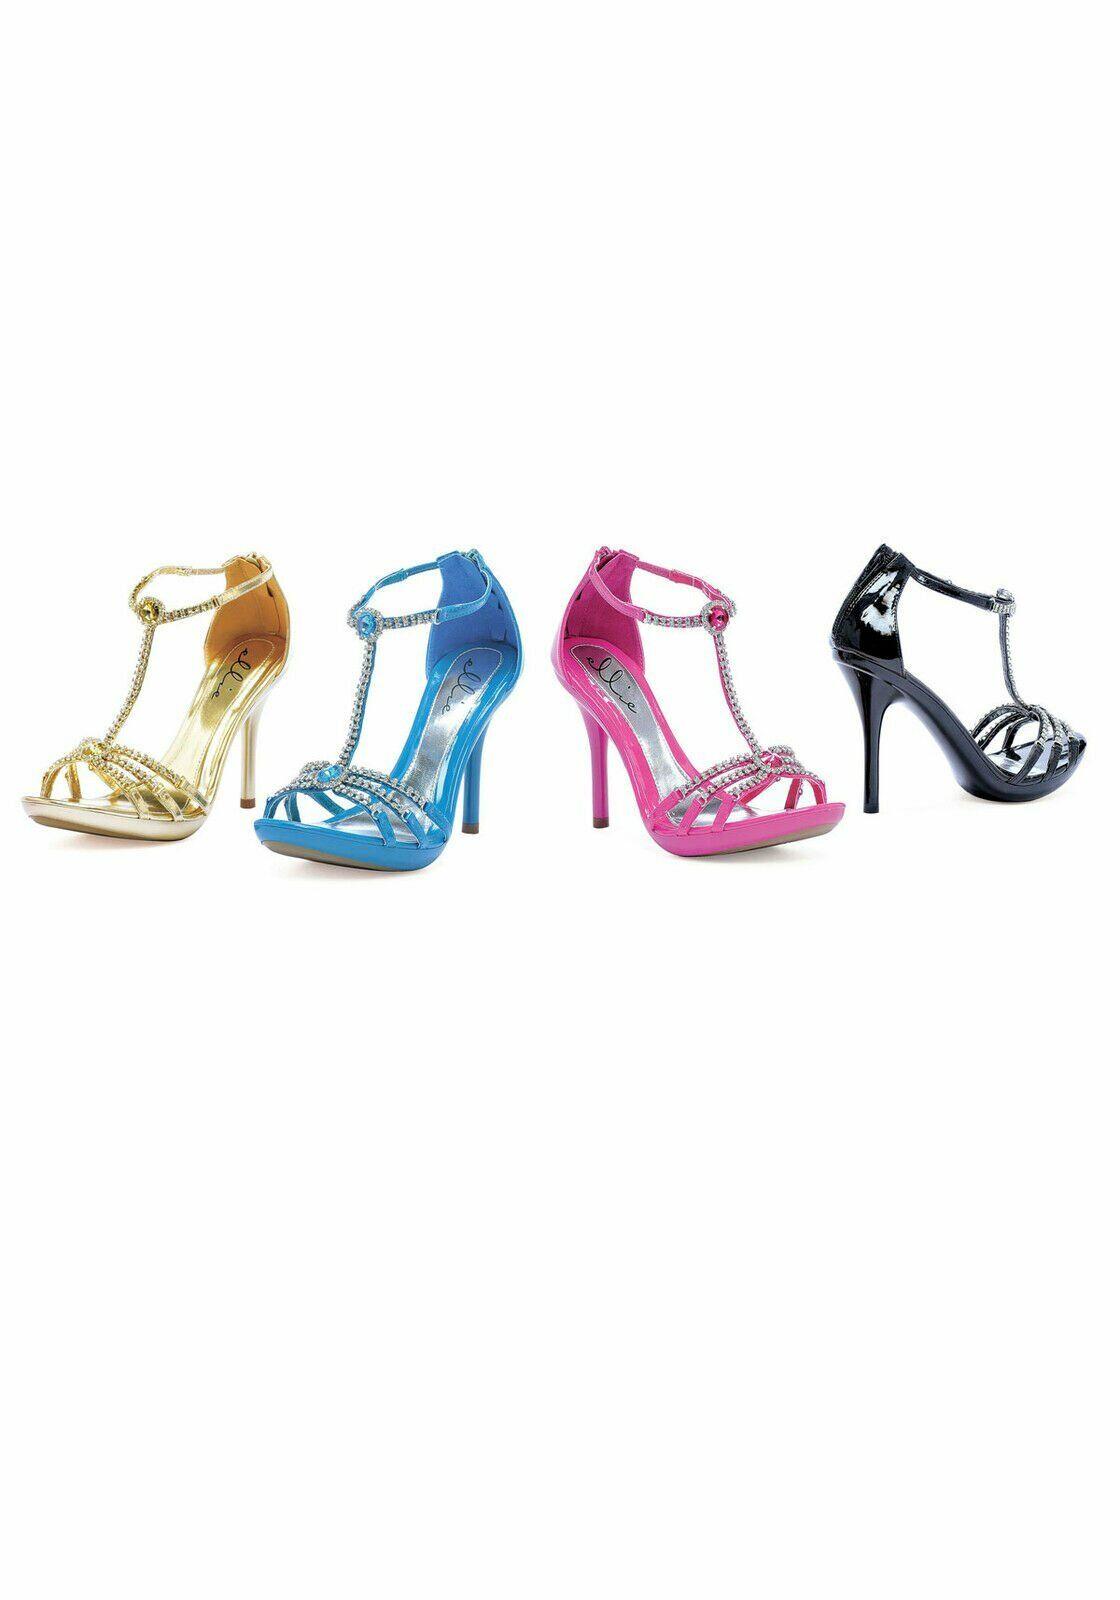 Ellie shoes 431-DARLING Darling 4'' Heel Rhinestone Sandal